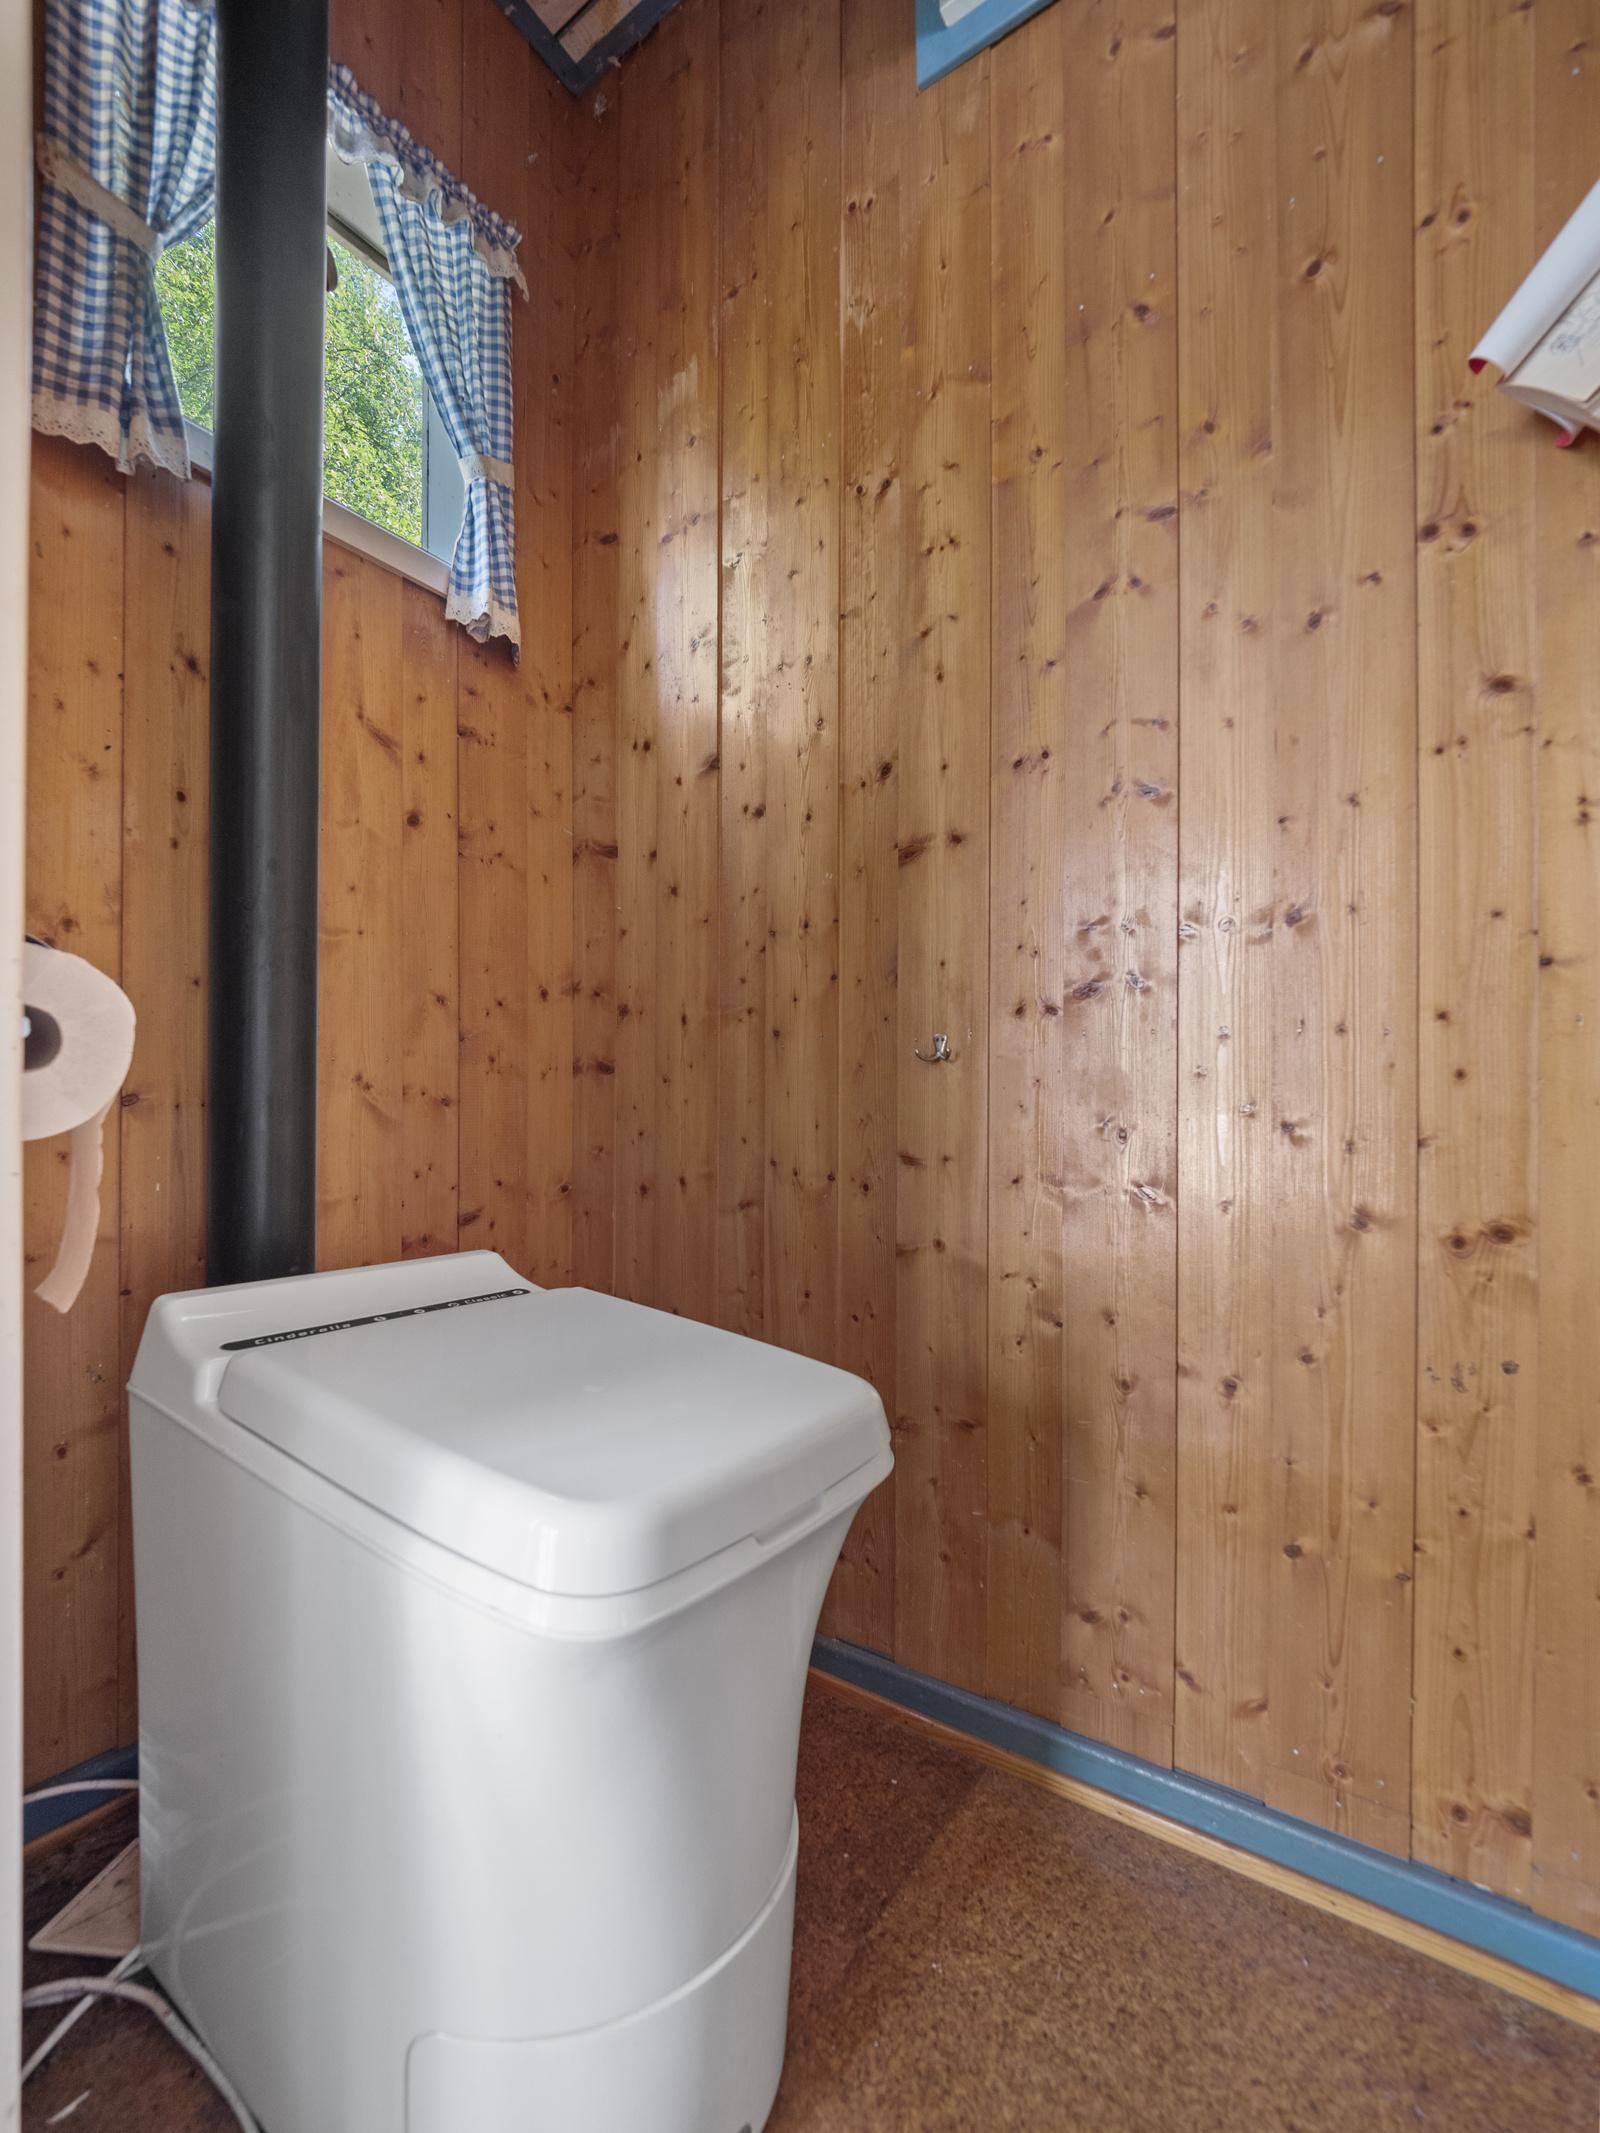 Toalettrom med forbrenningstoalett